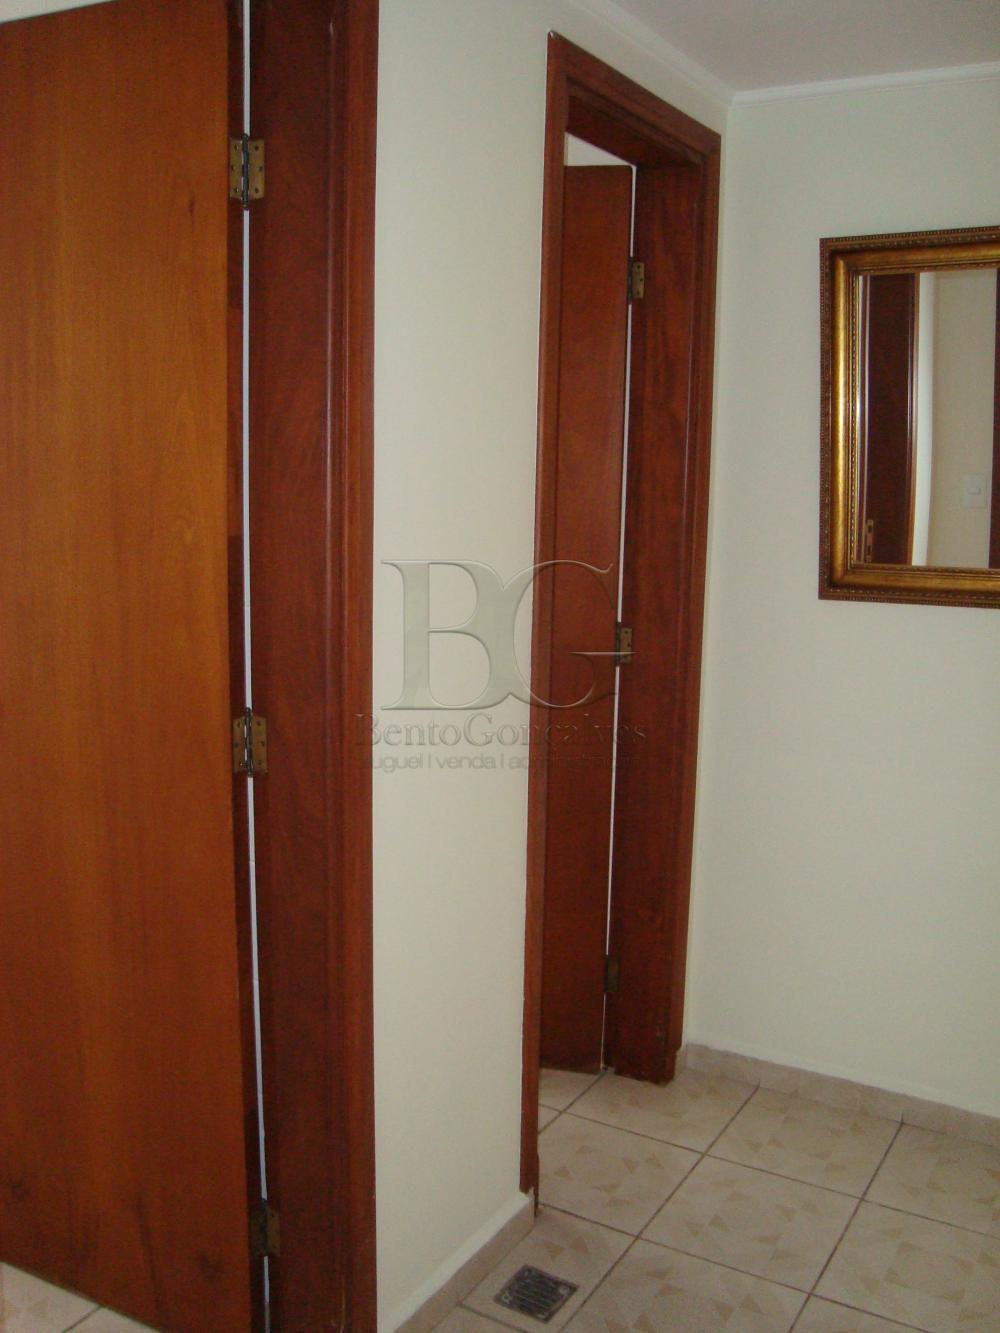 Comprar Apartamentos / Padrão em Poços de Caldas apenas R$ 1.200.000,00 - Foto 25